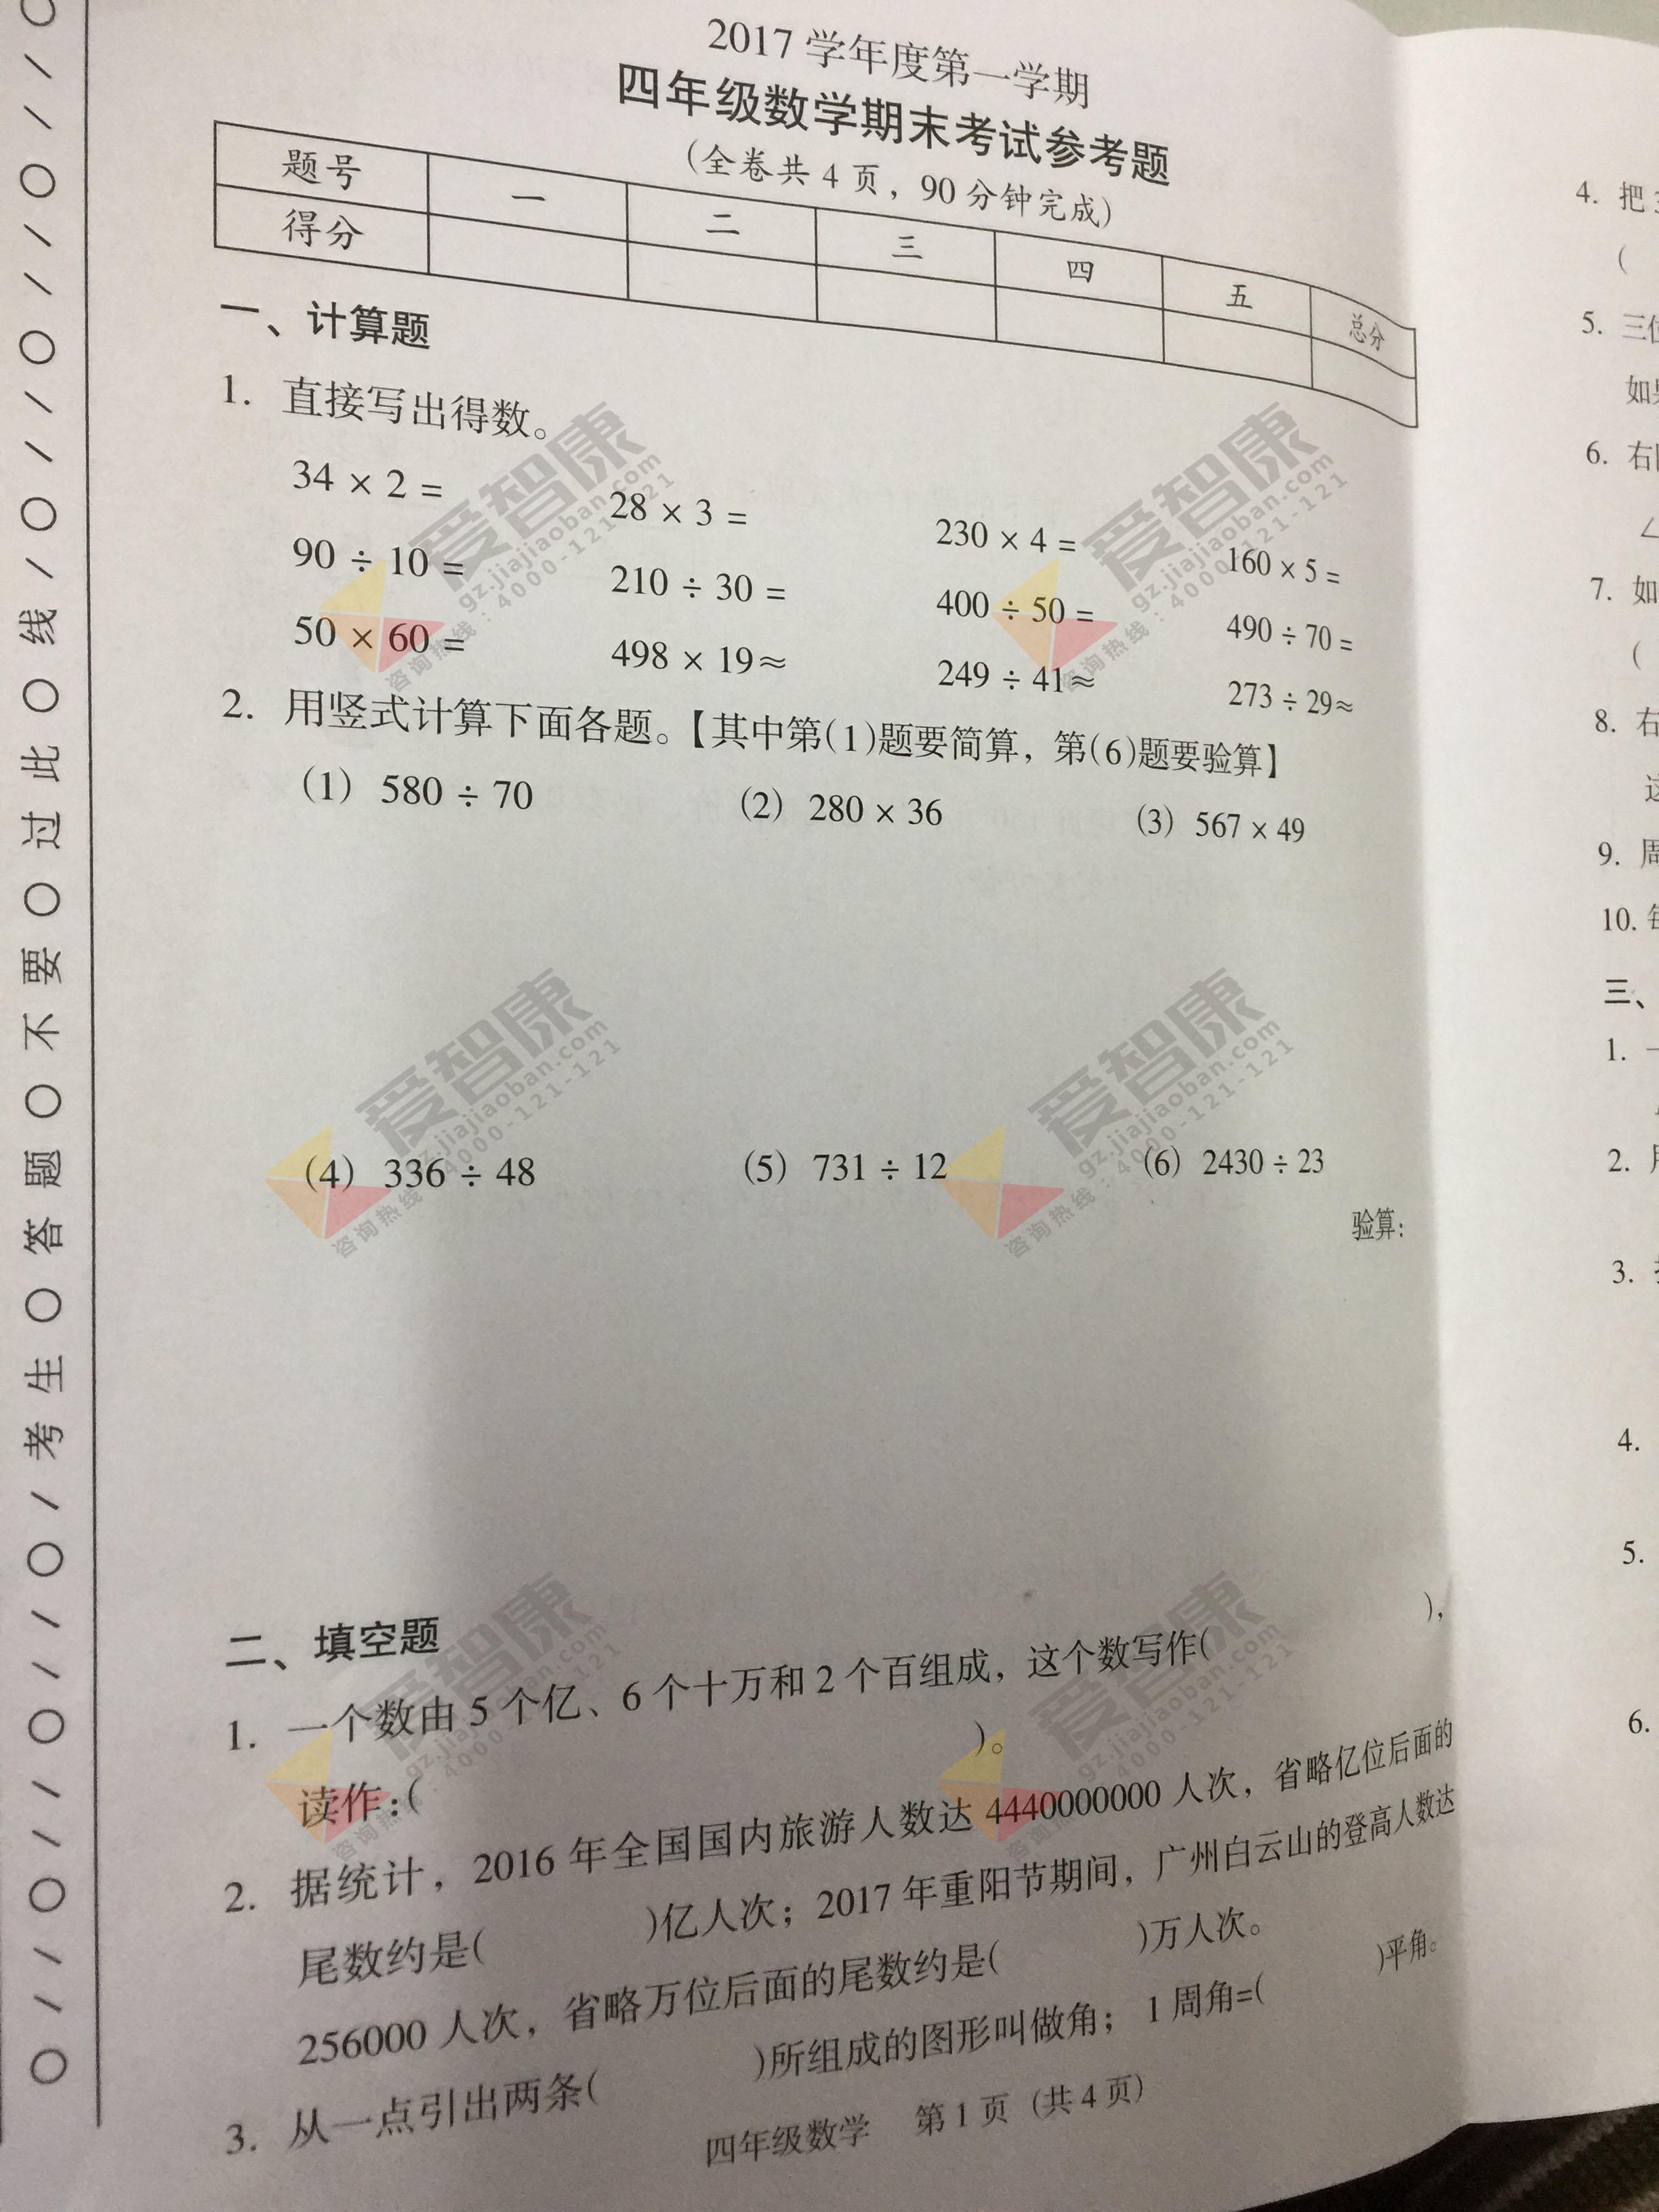 2017-2018学年广州越秀区四年级上学期期末数学试卷及答案解析